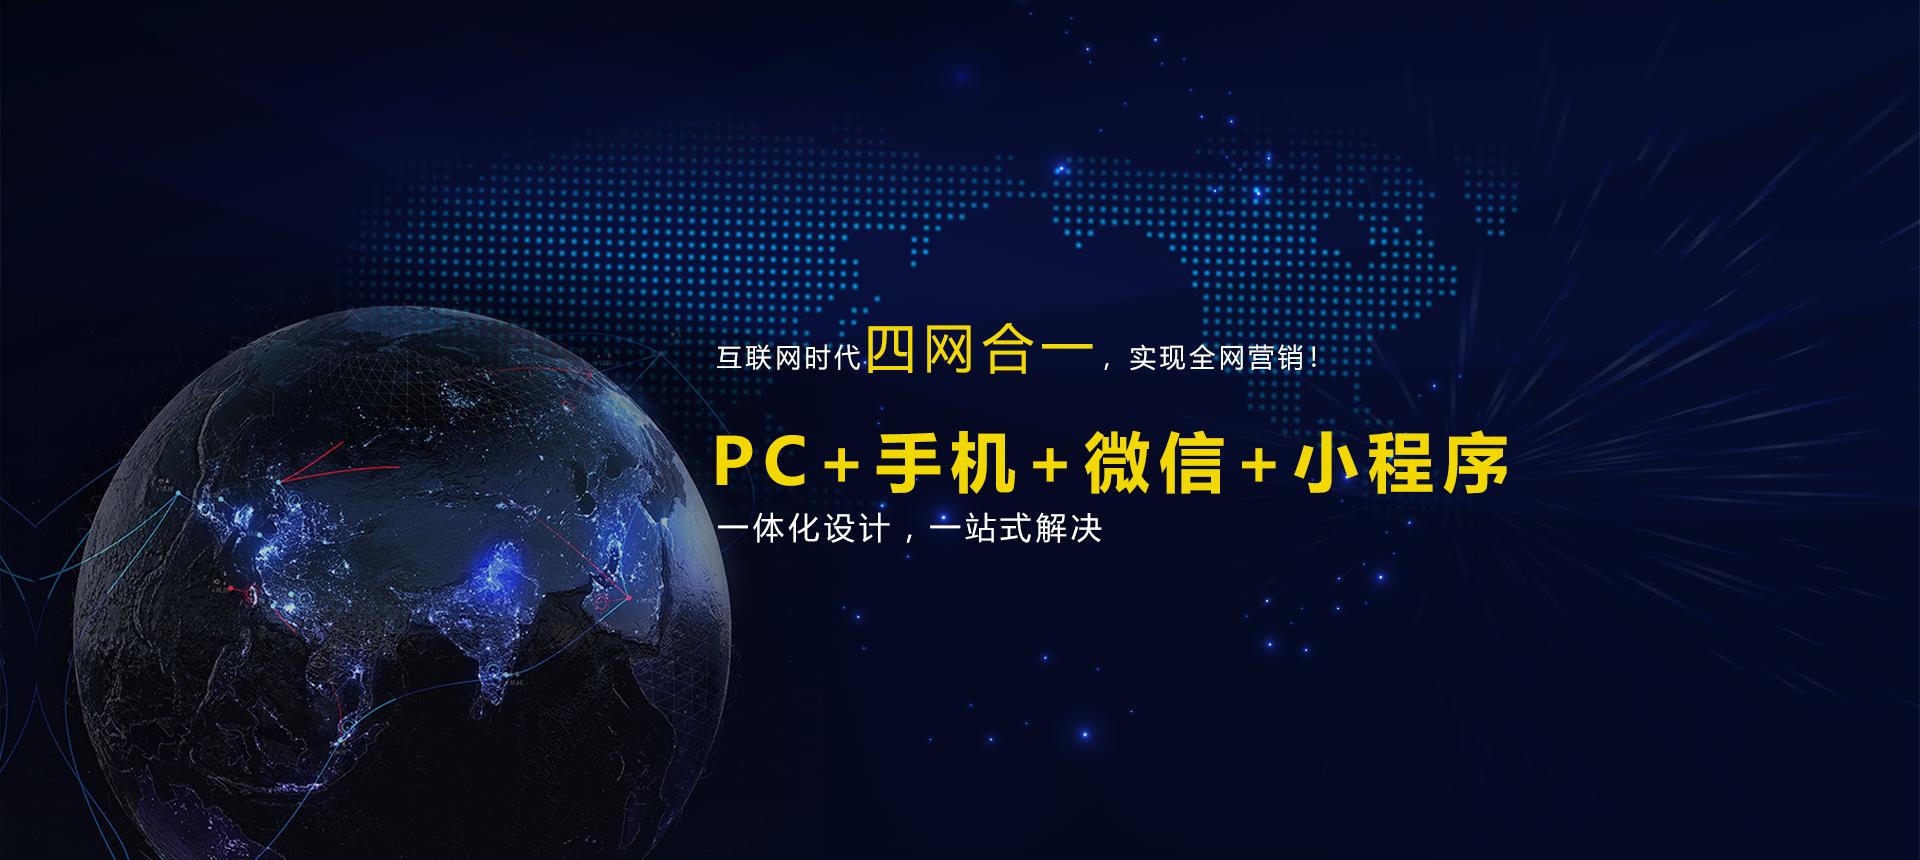 贵州网络企业